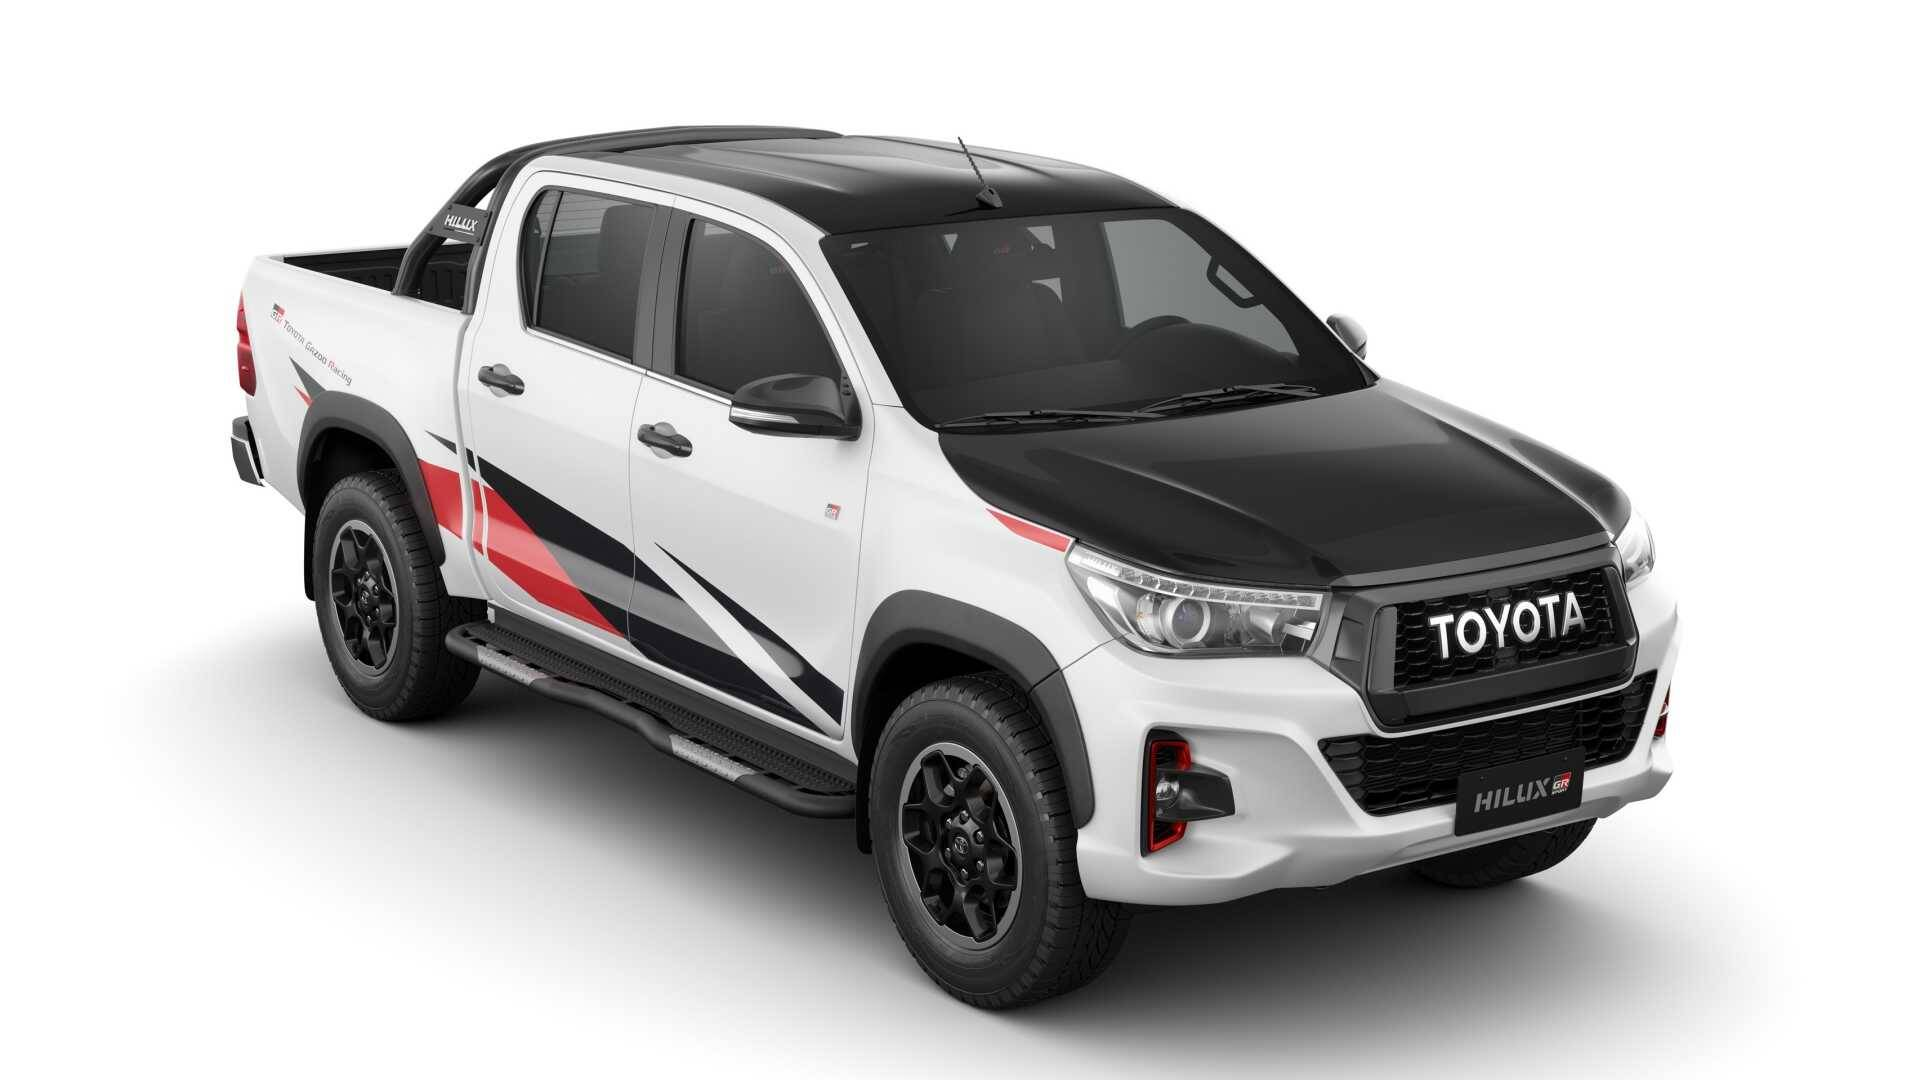 Toyota Hilux GR Sport. Foto: Divulgação